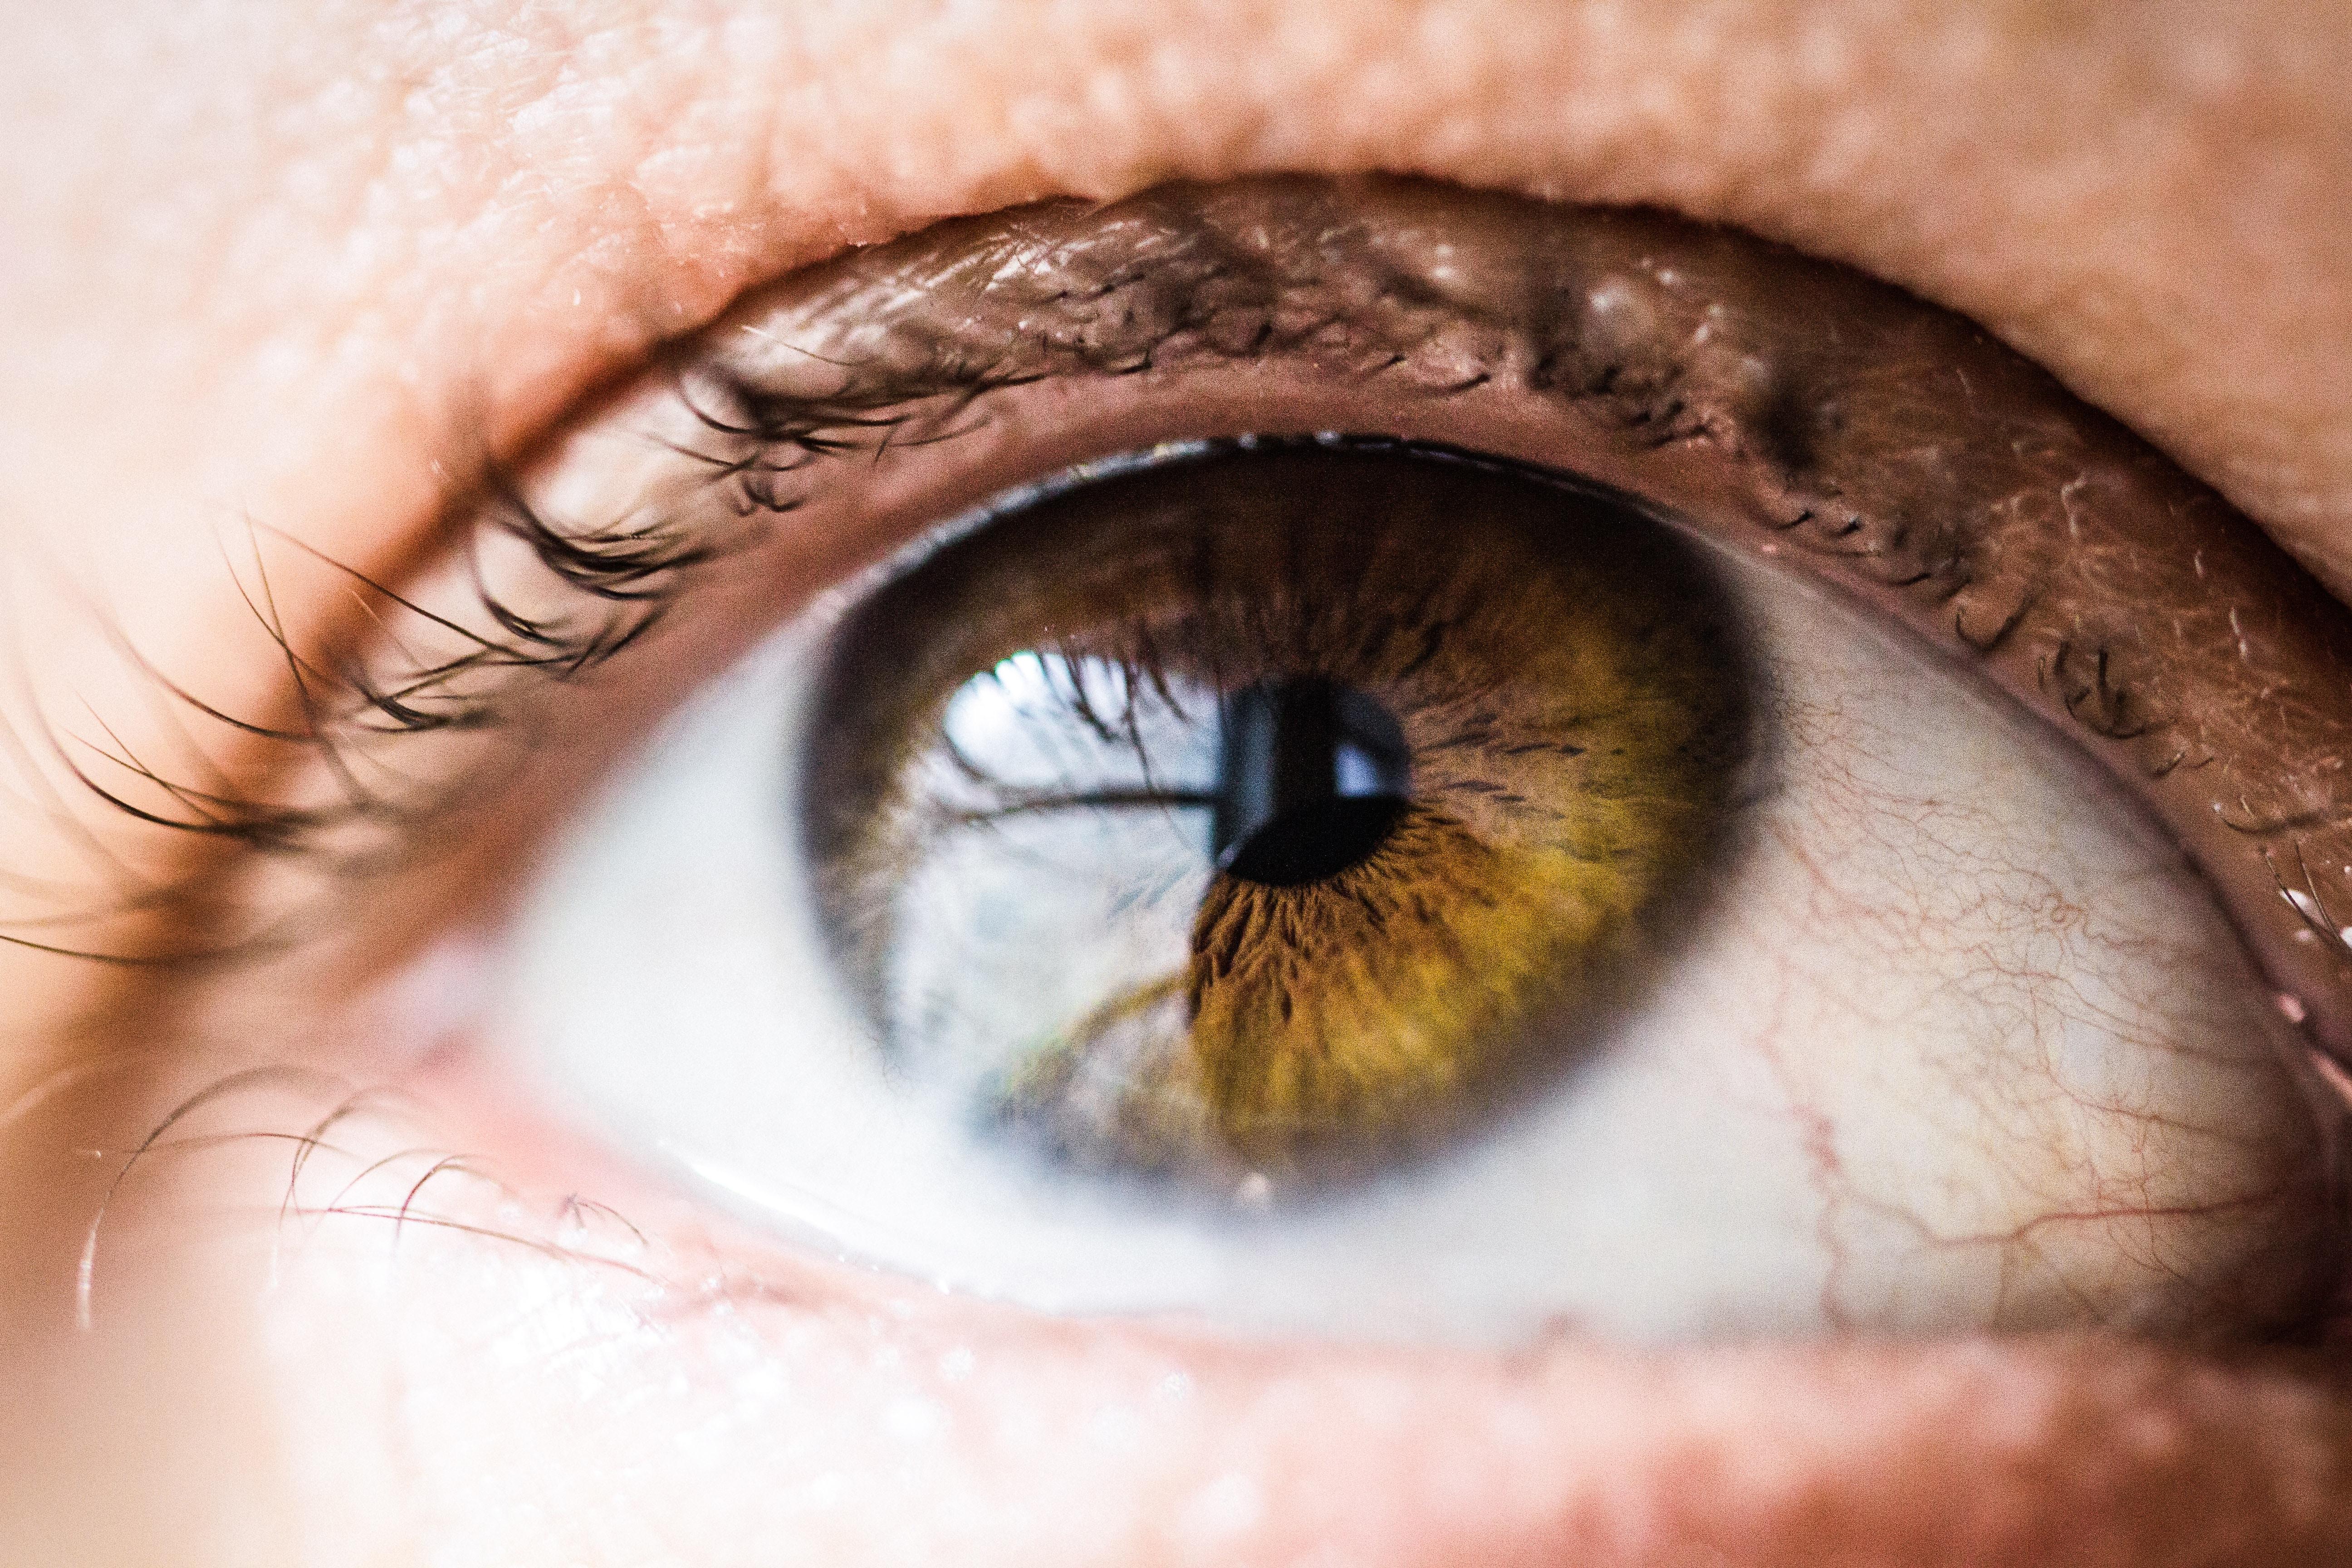 Movimientos involuntarios de los ojos